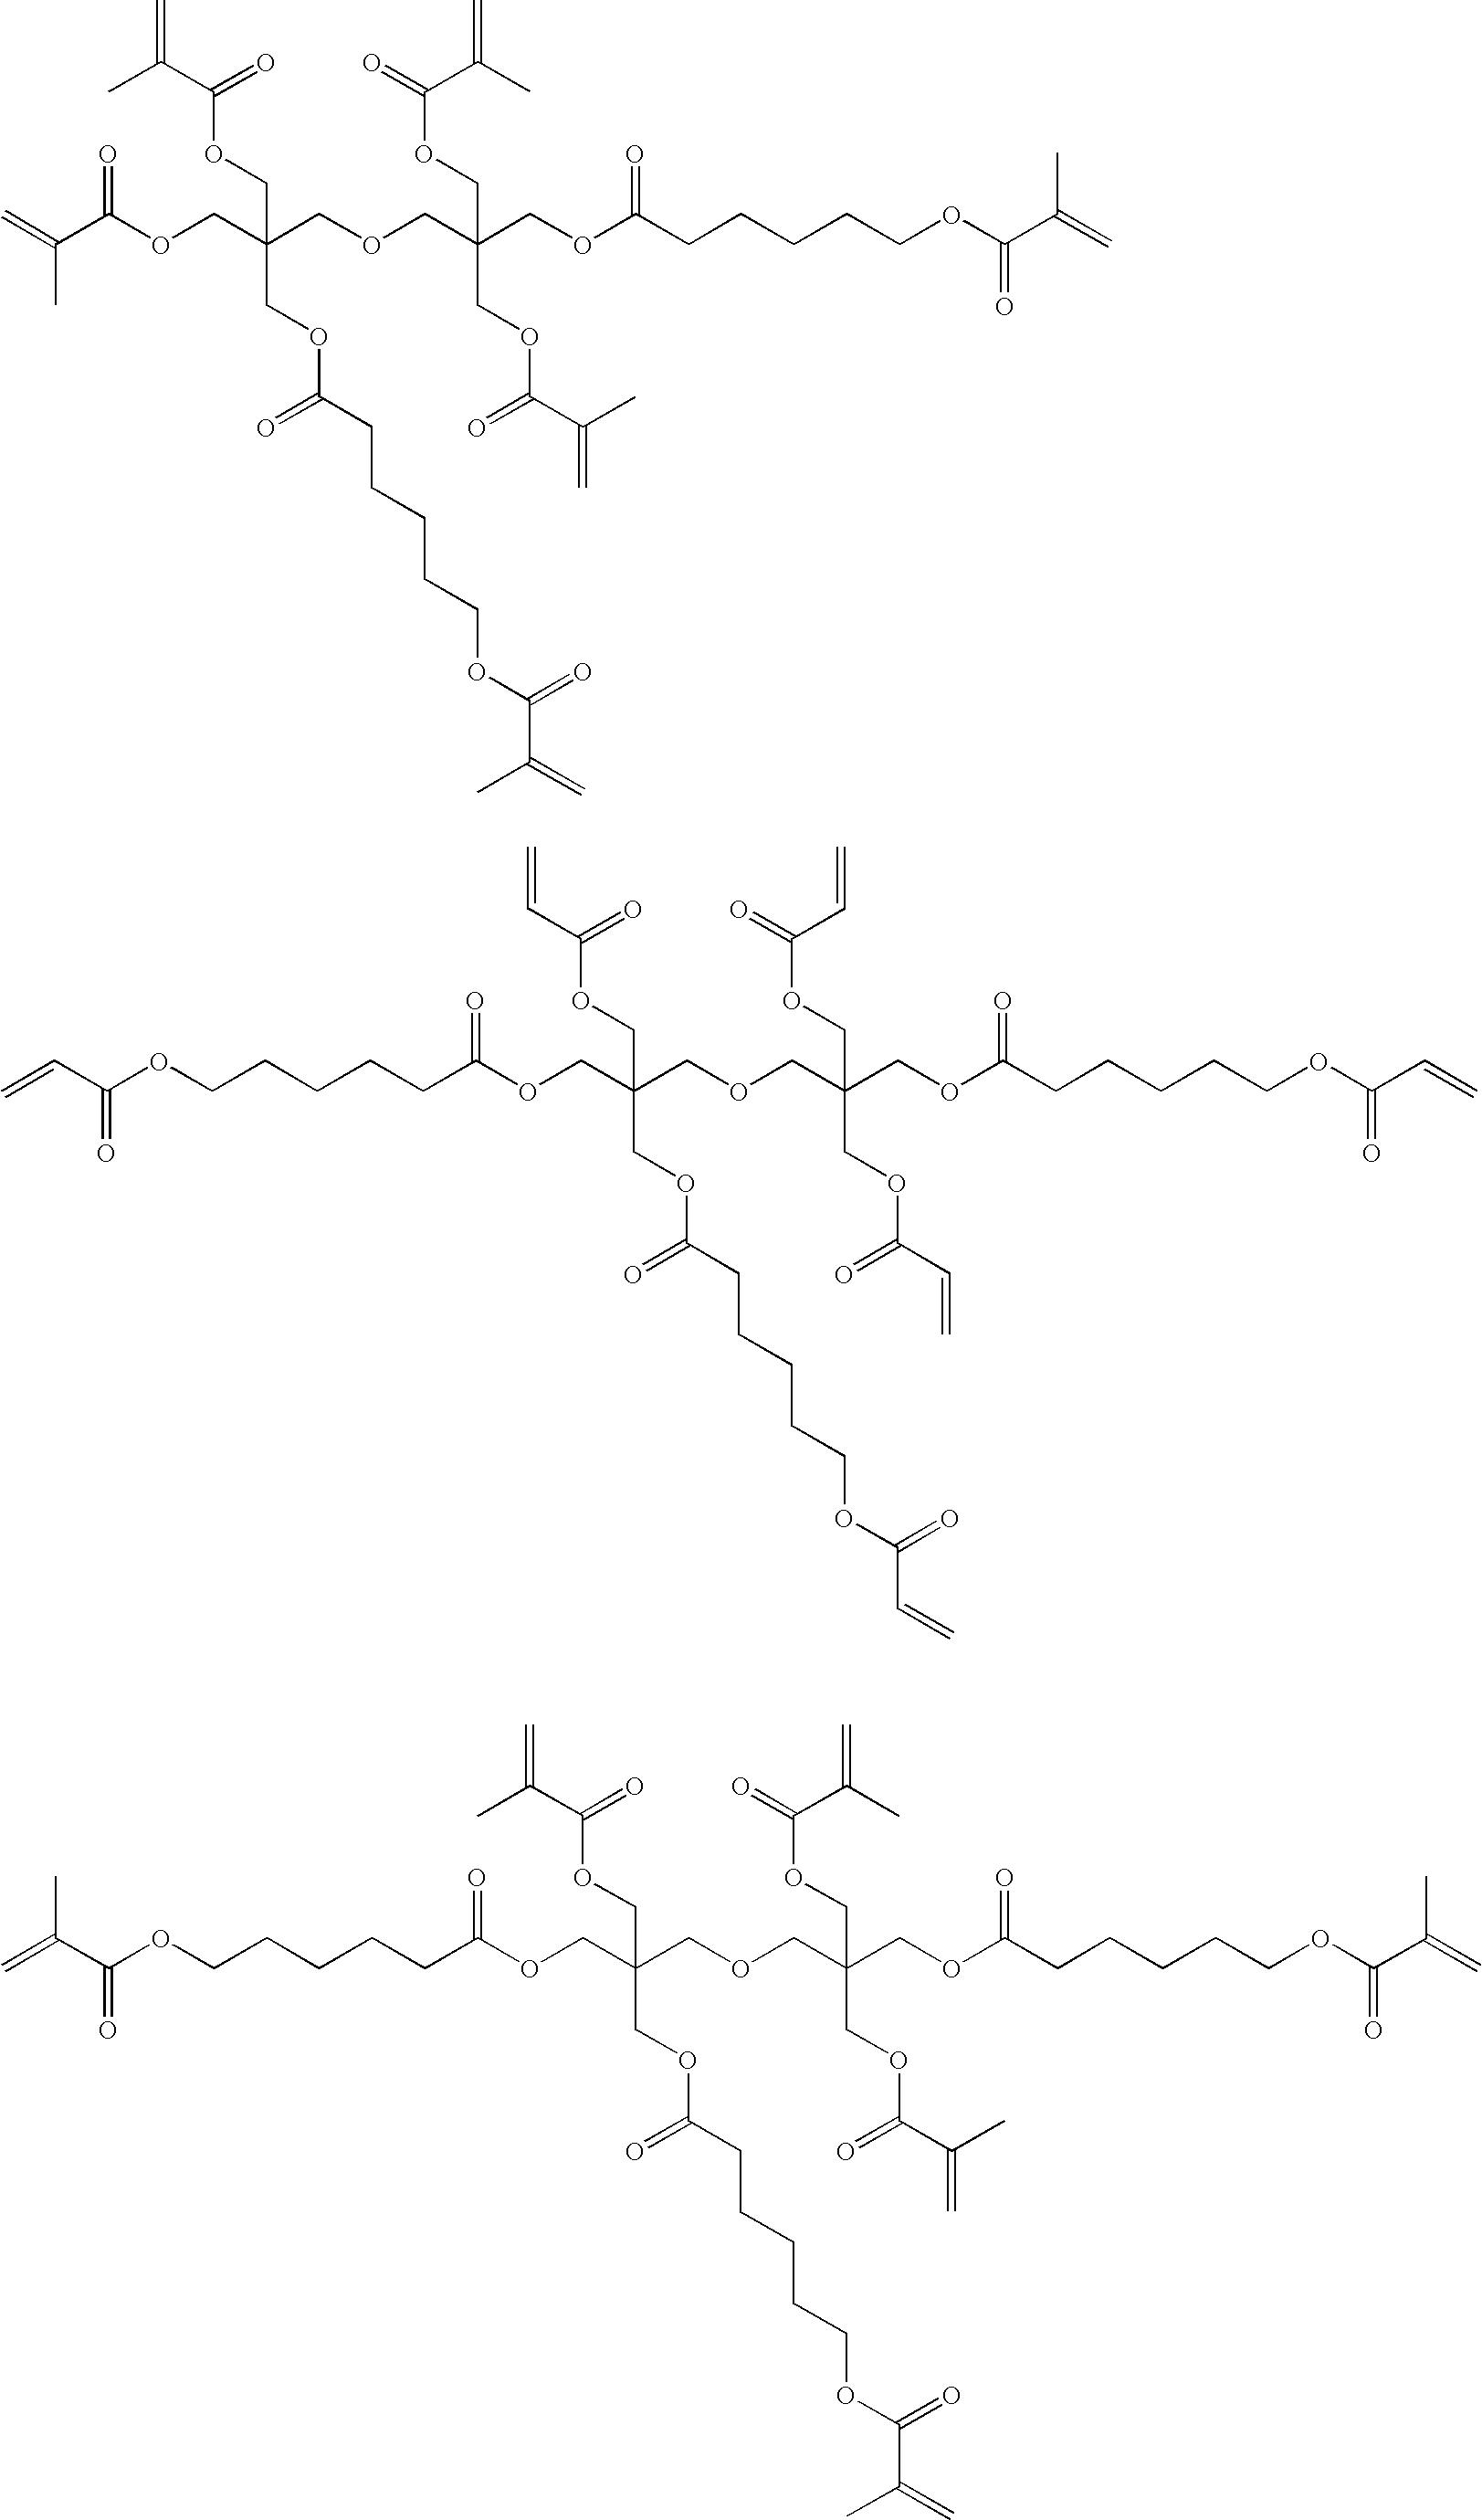 Figure US20090075034A1-20090319-C00004